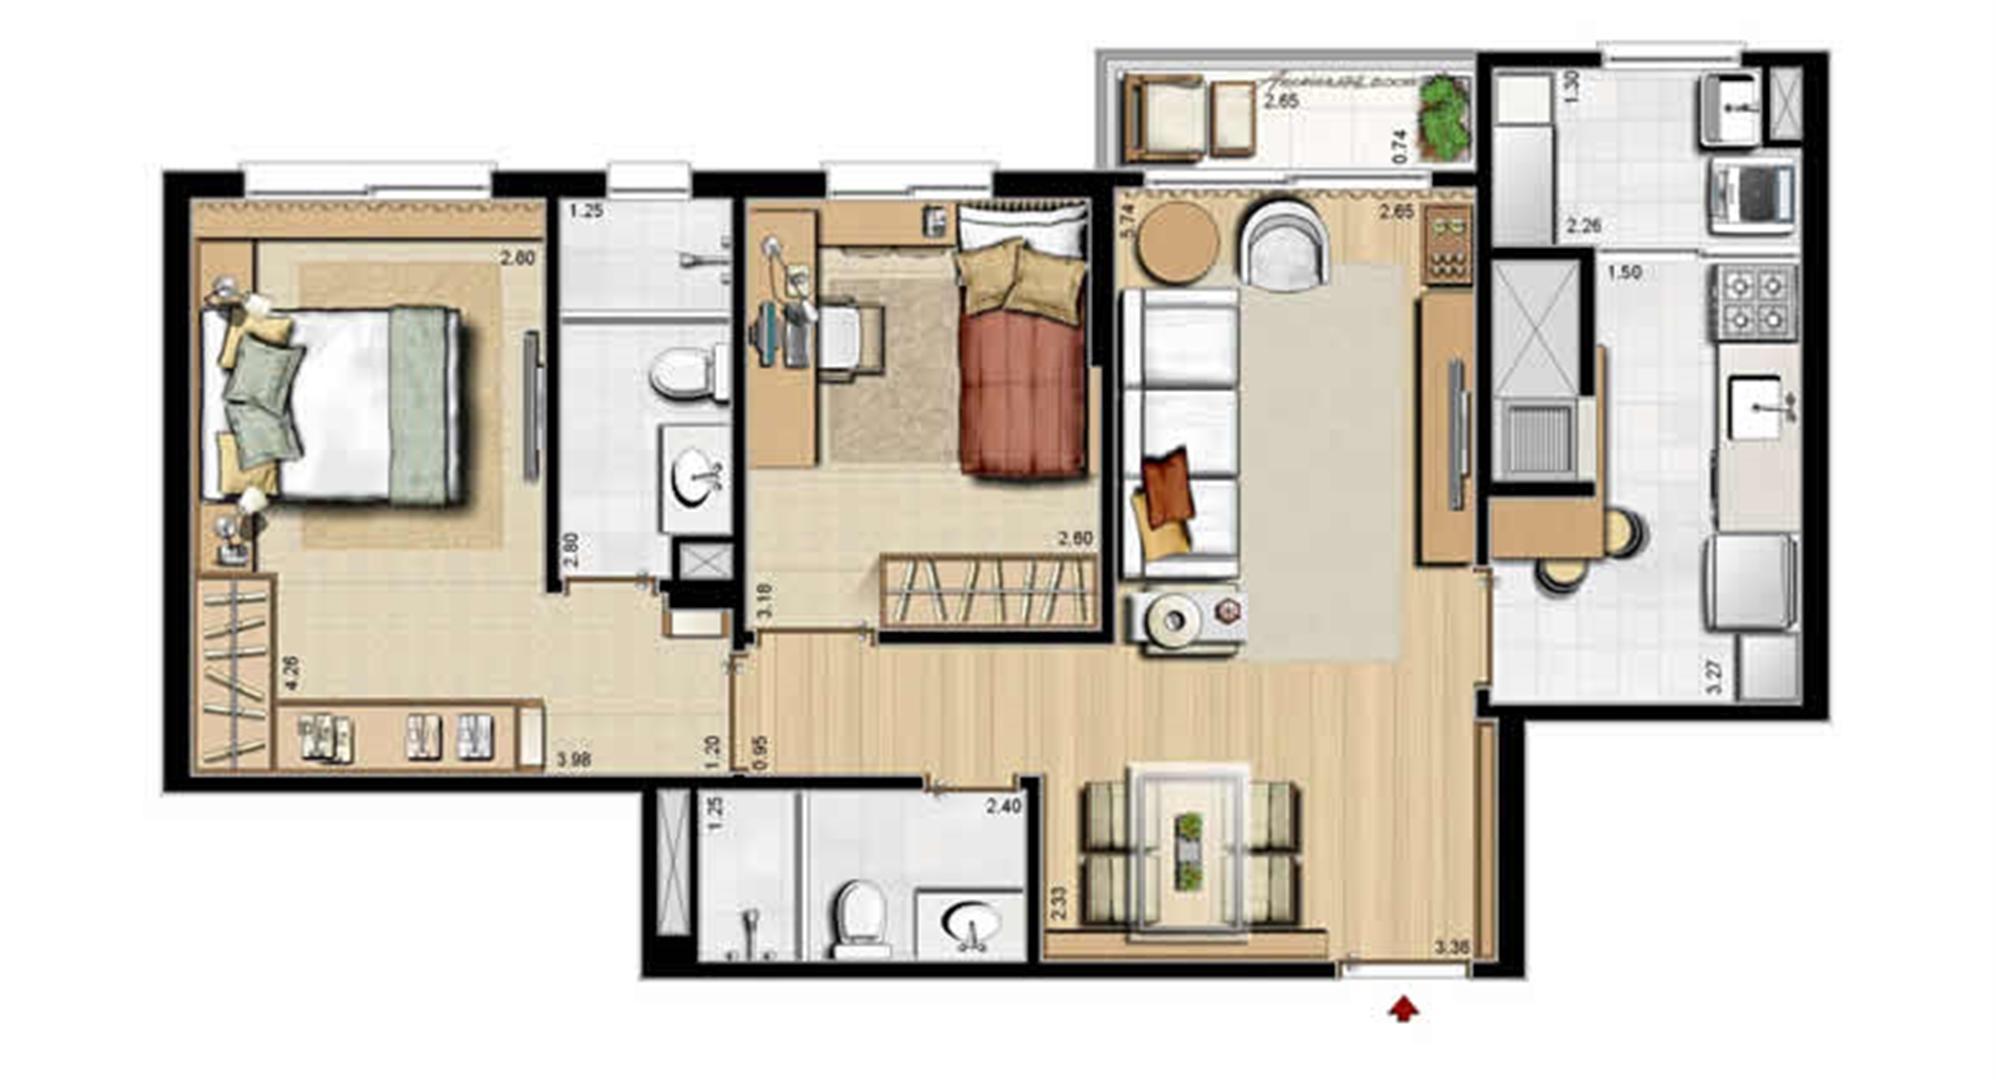 Opção cozinha fechada - 68 m² privativos e 105 m² área total | Villa Mimosa Vita Insolaratta – Apartamento no  Centro - Canoas - Rio Grande do Sul